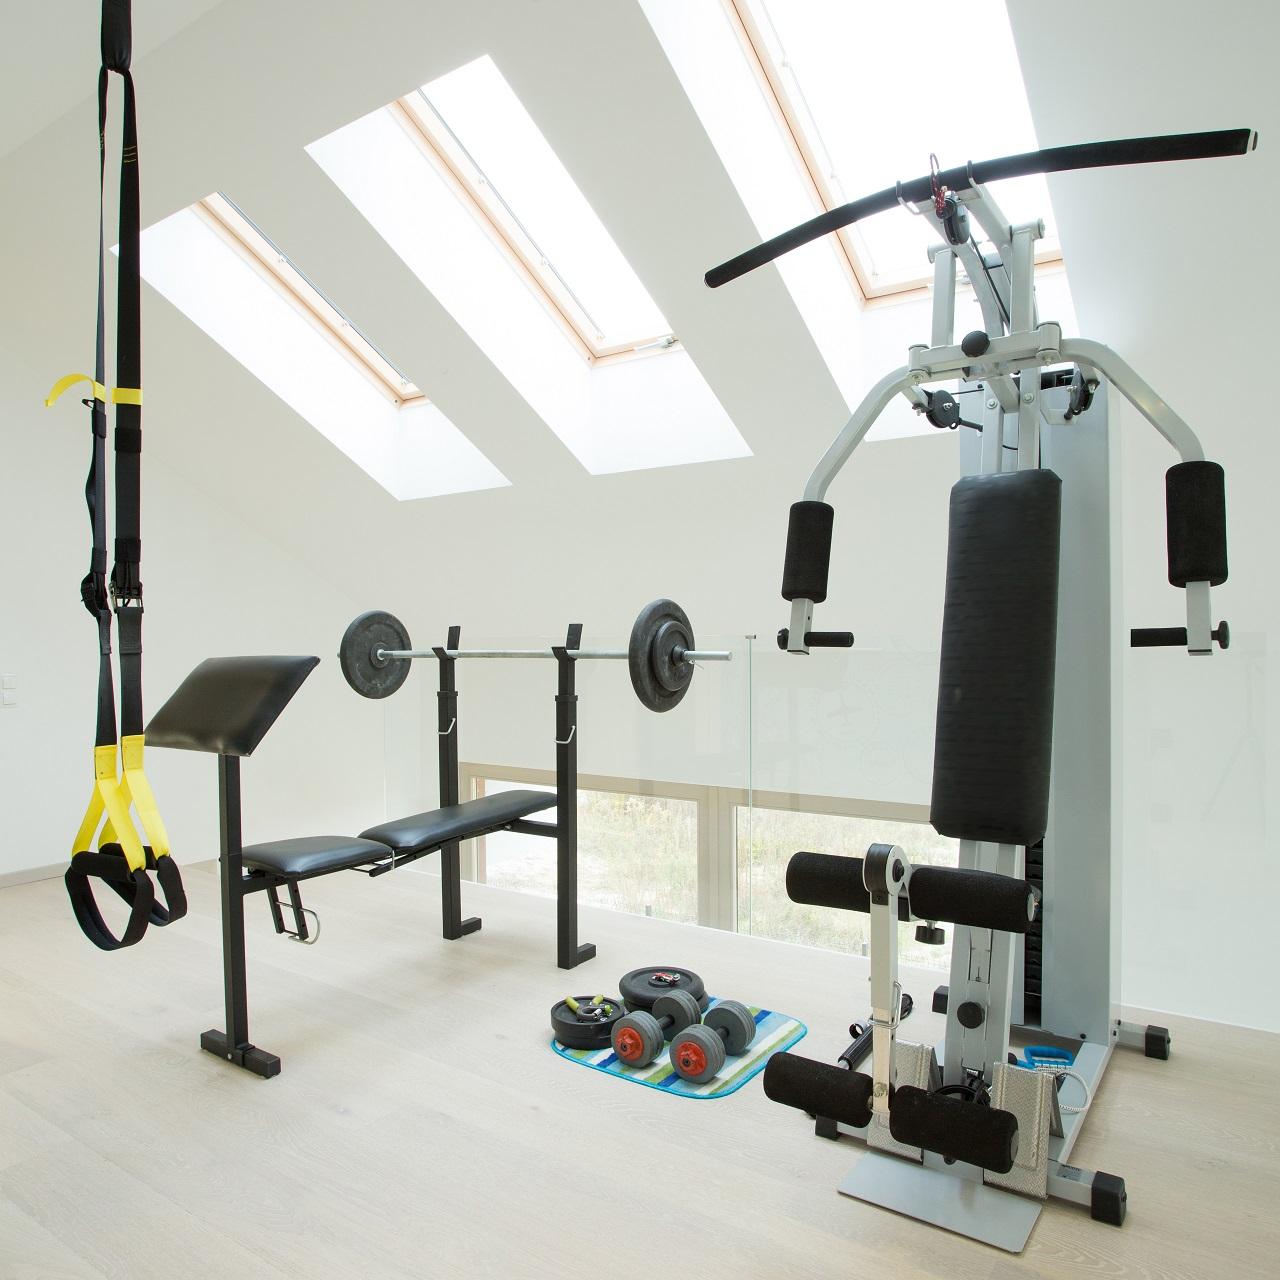 Czy inwestycja w domową siłownię to dobry pomysł?